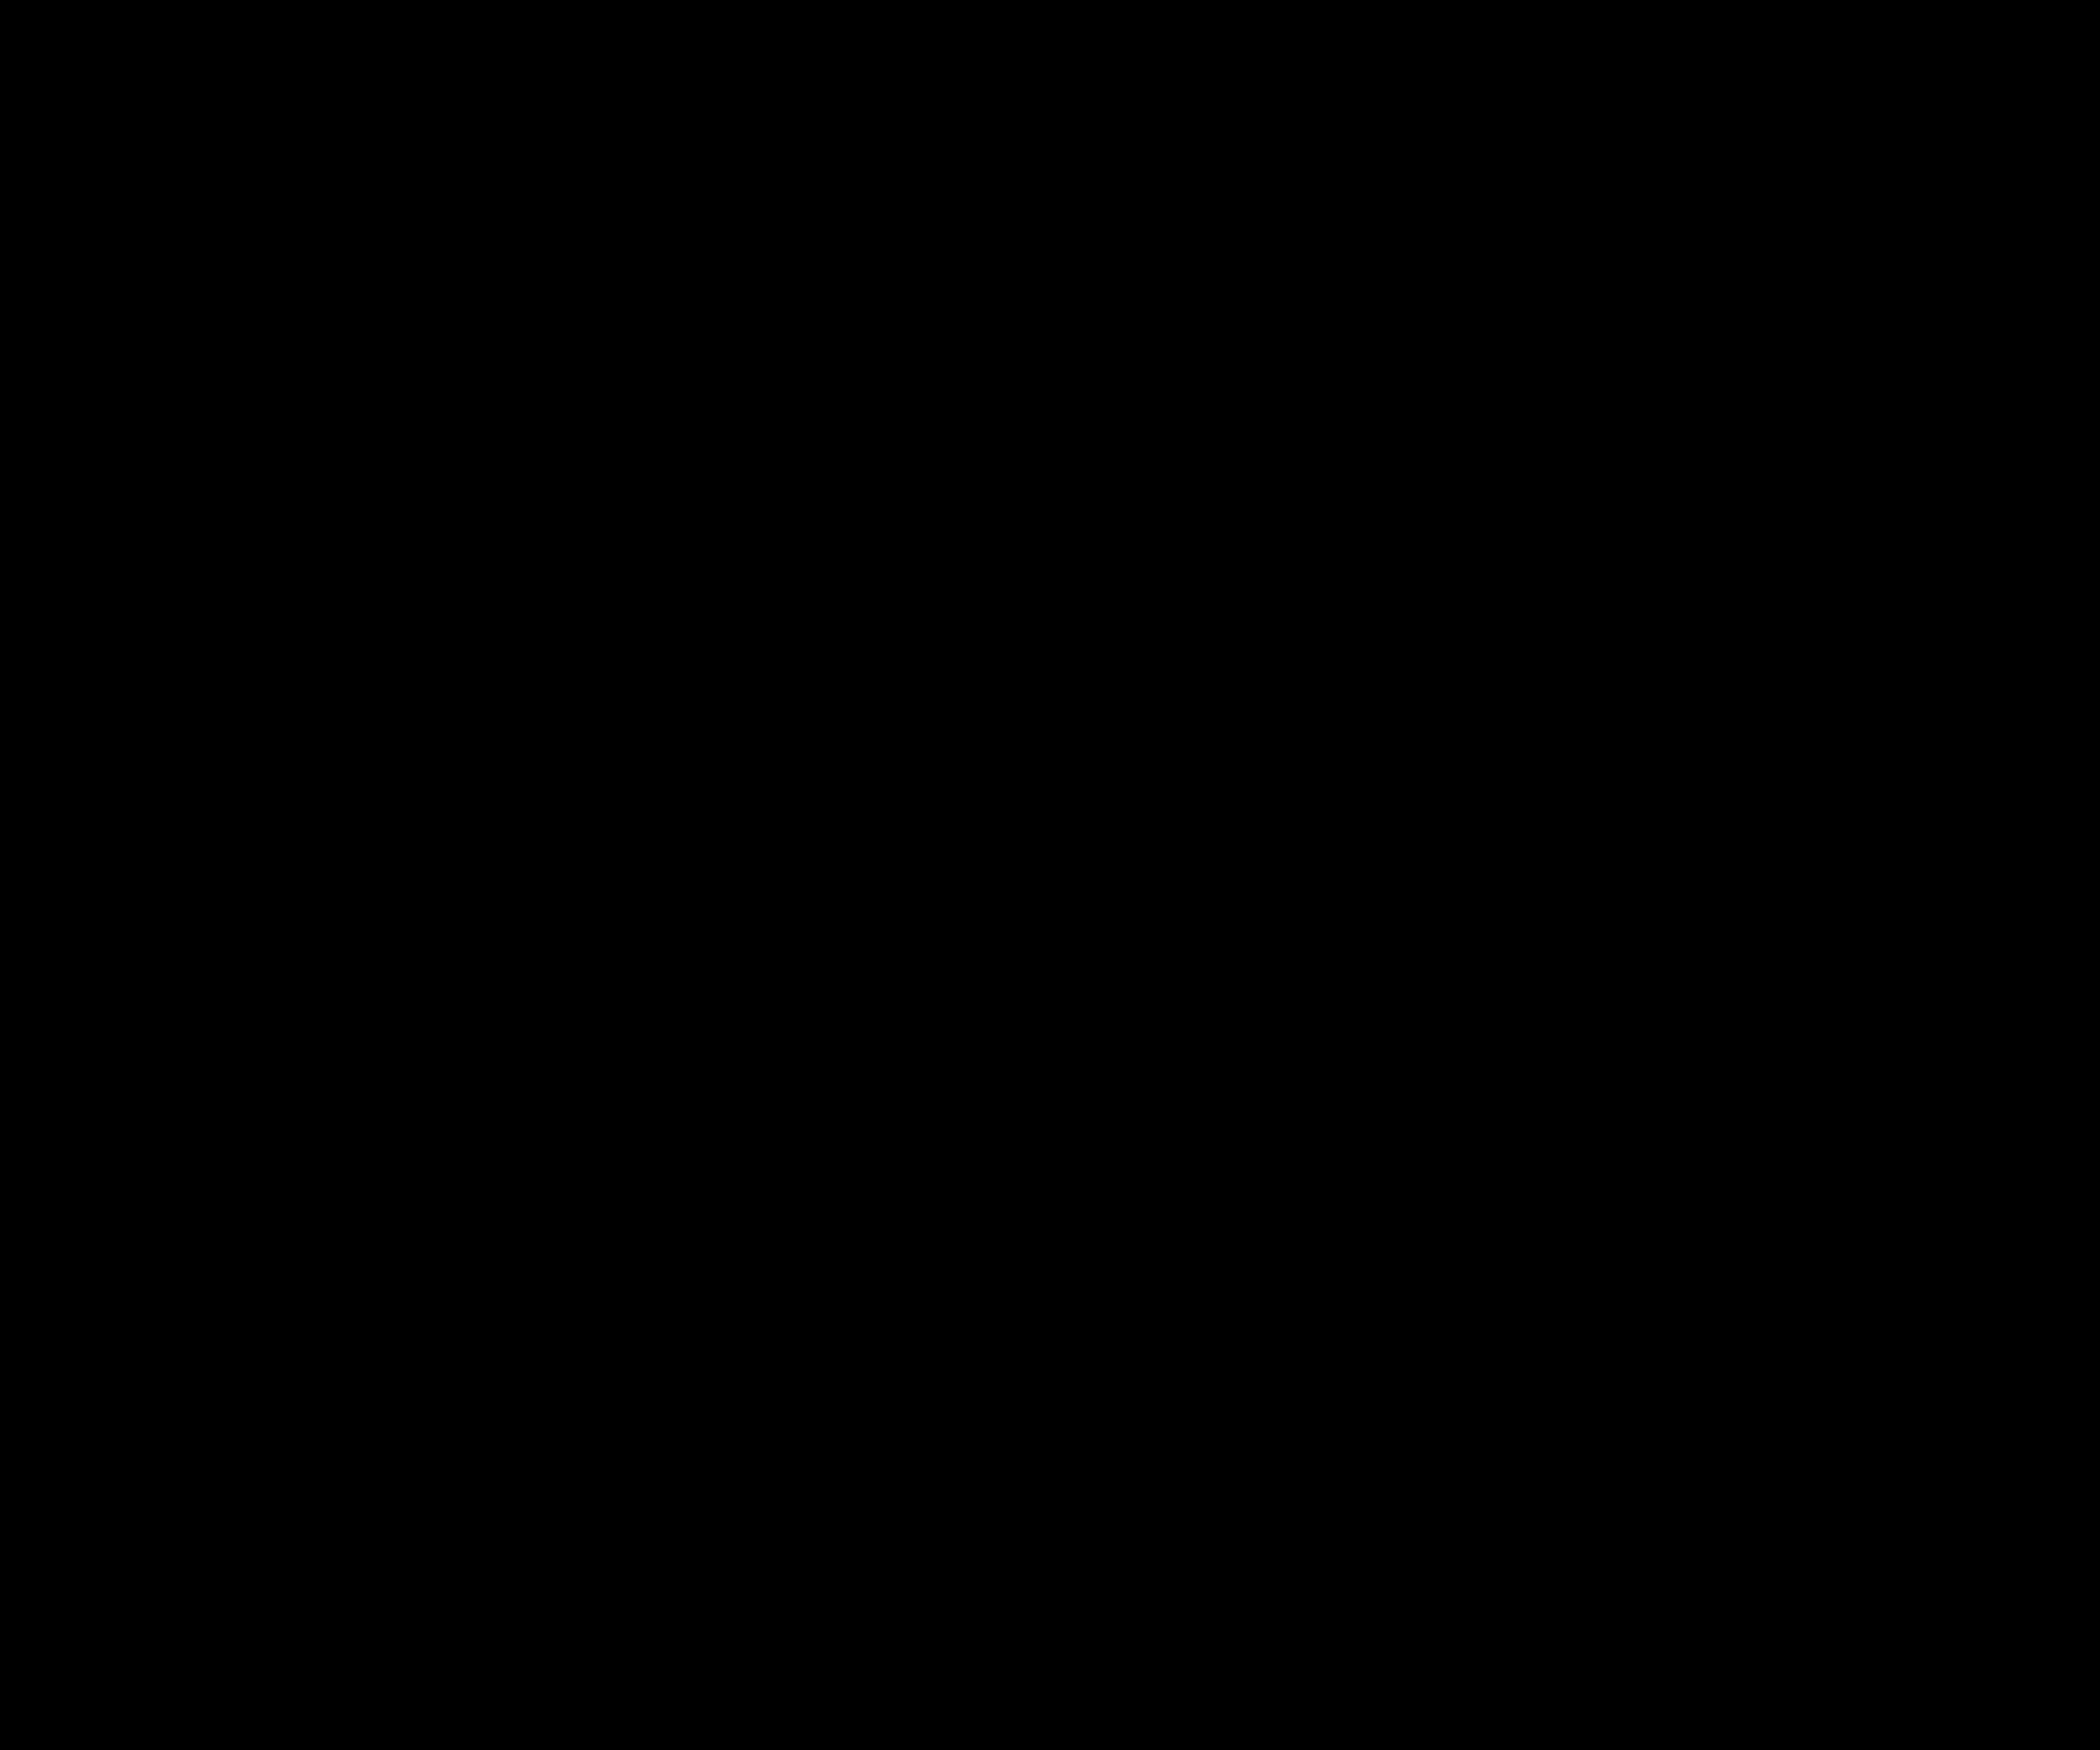 A. Regnard